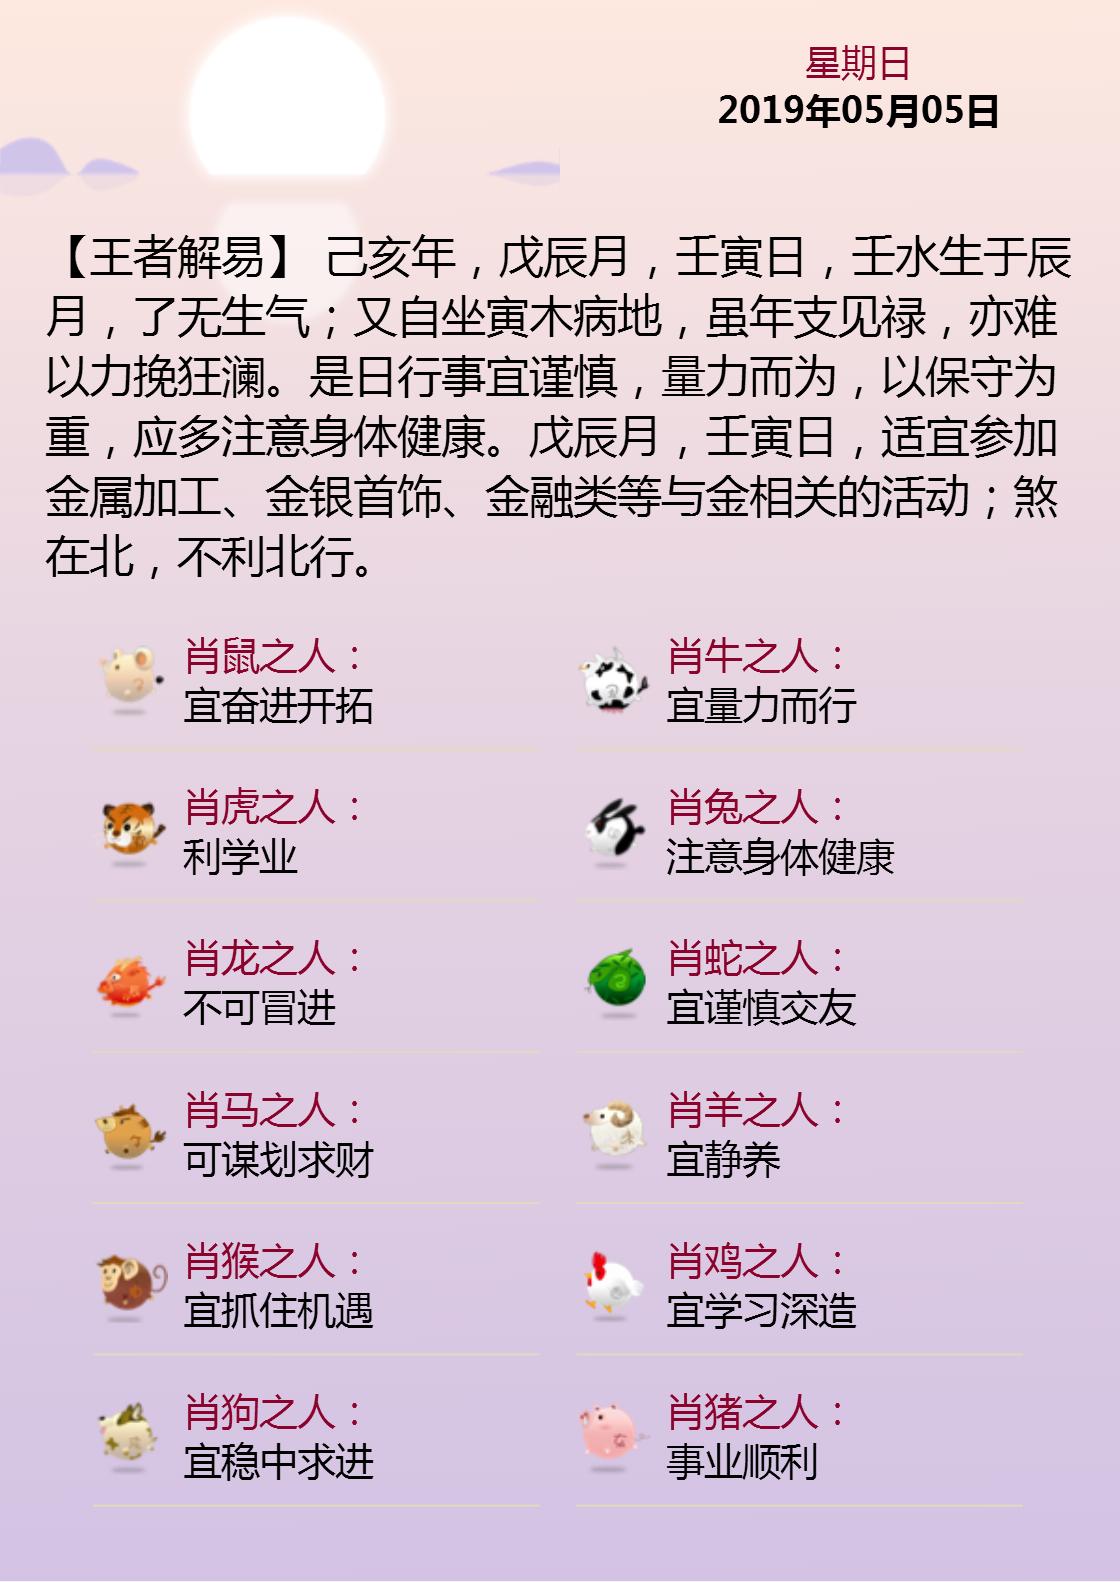 黄历海报20190505.png